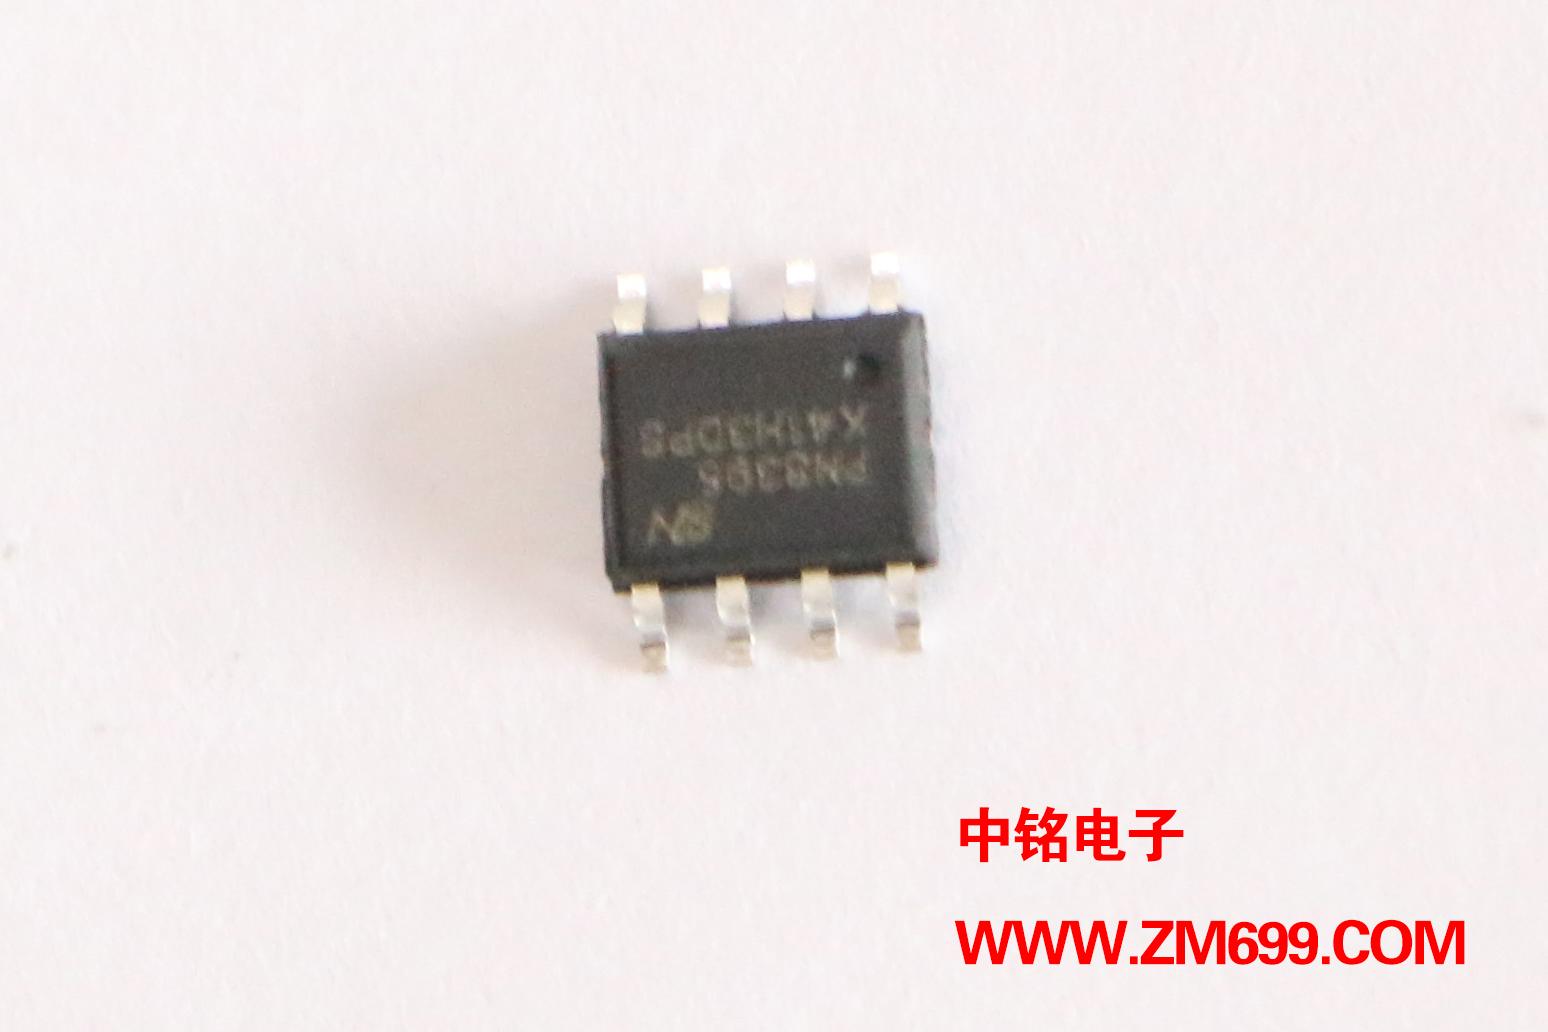 外围元器件精简的充电器、适配器和内置电源的芯片--PN8395H